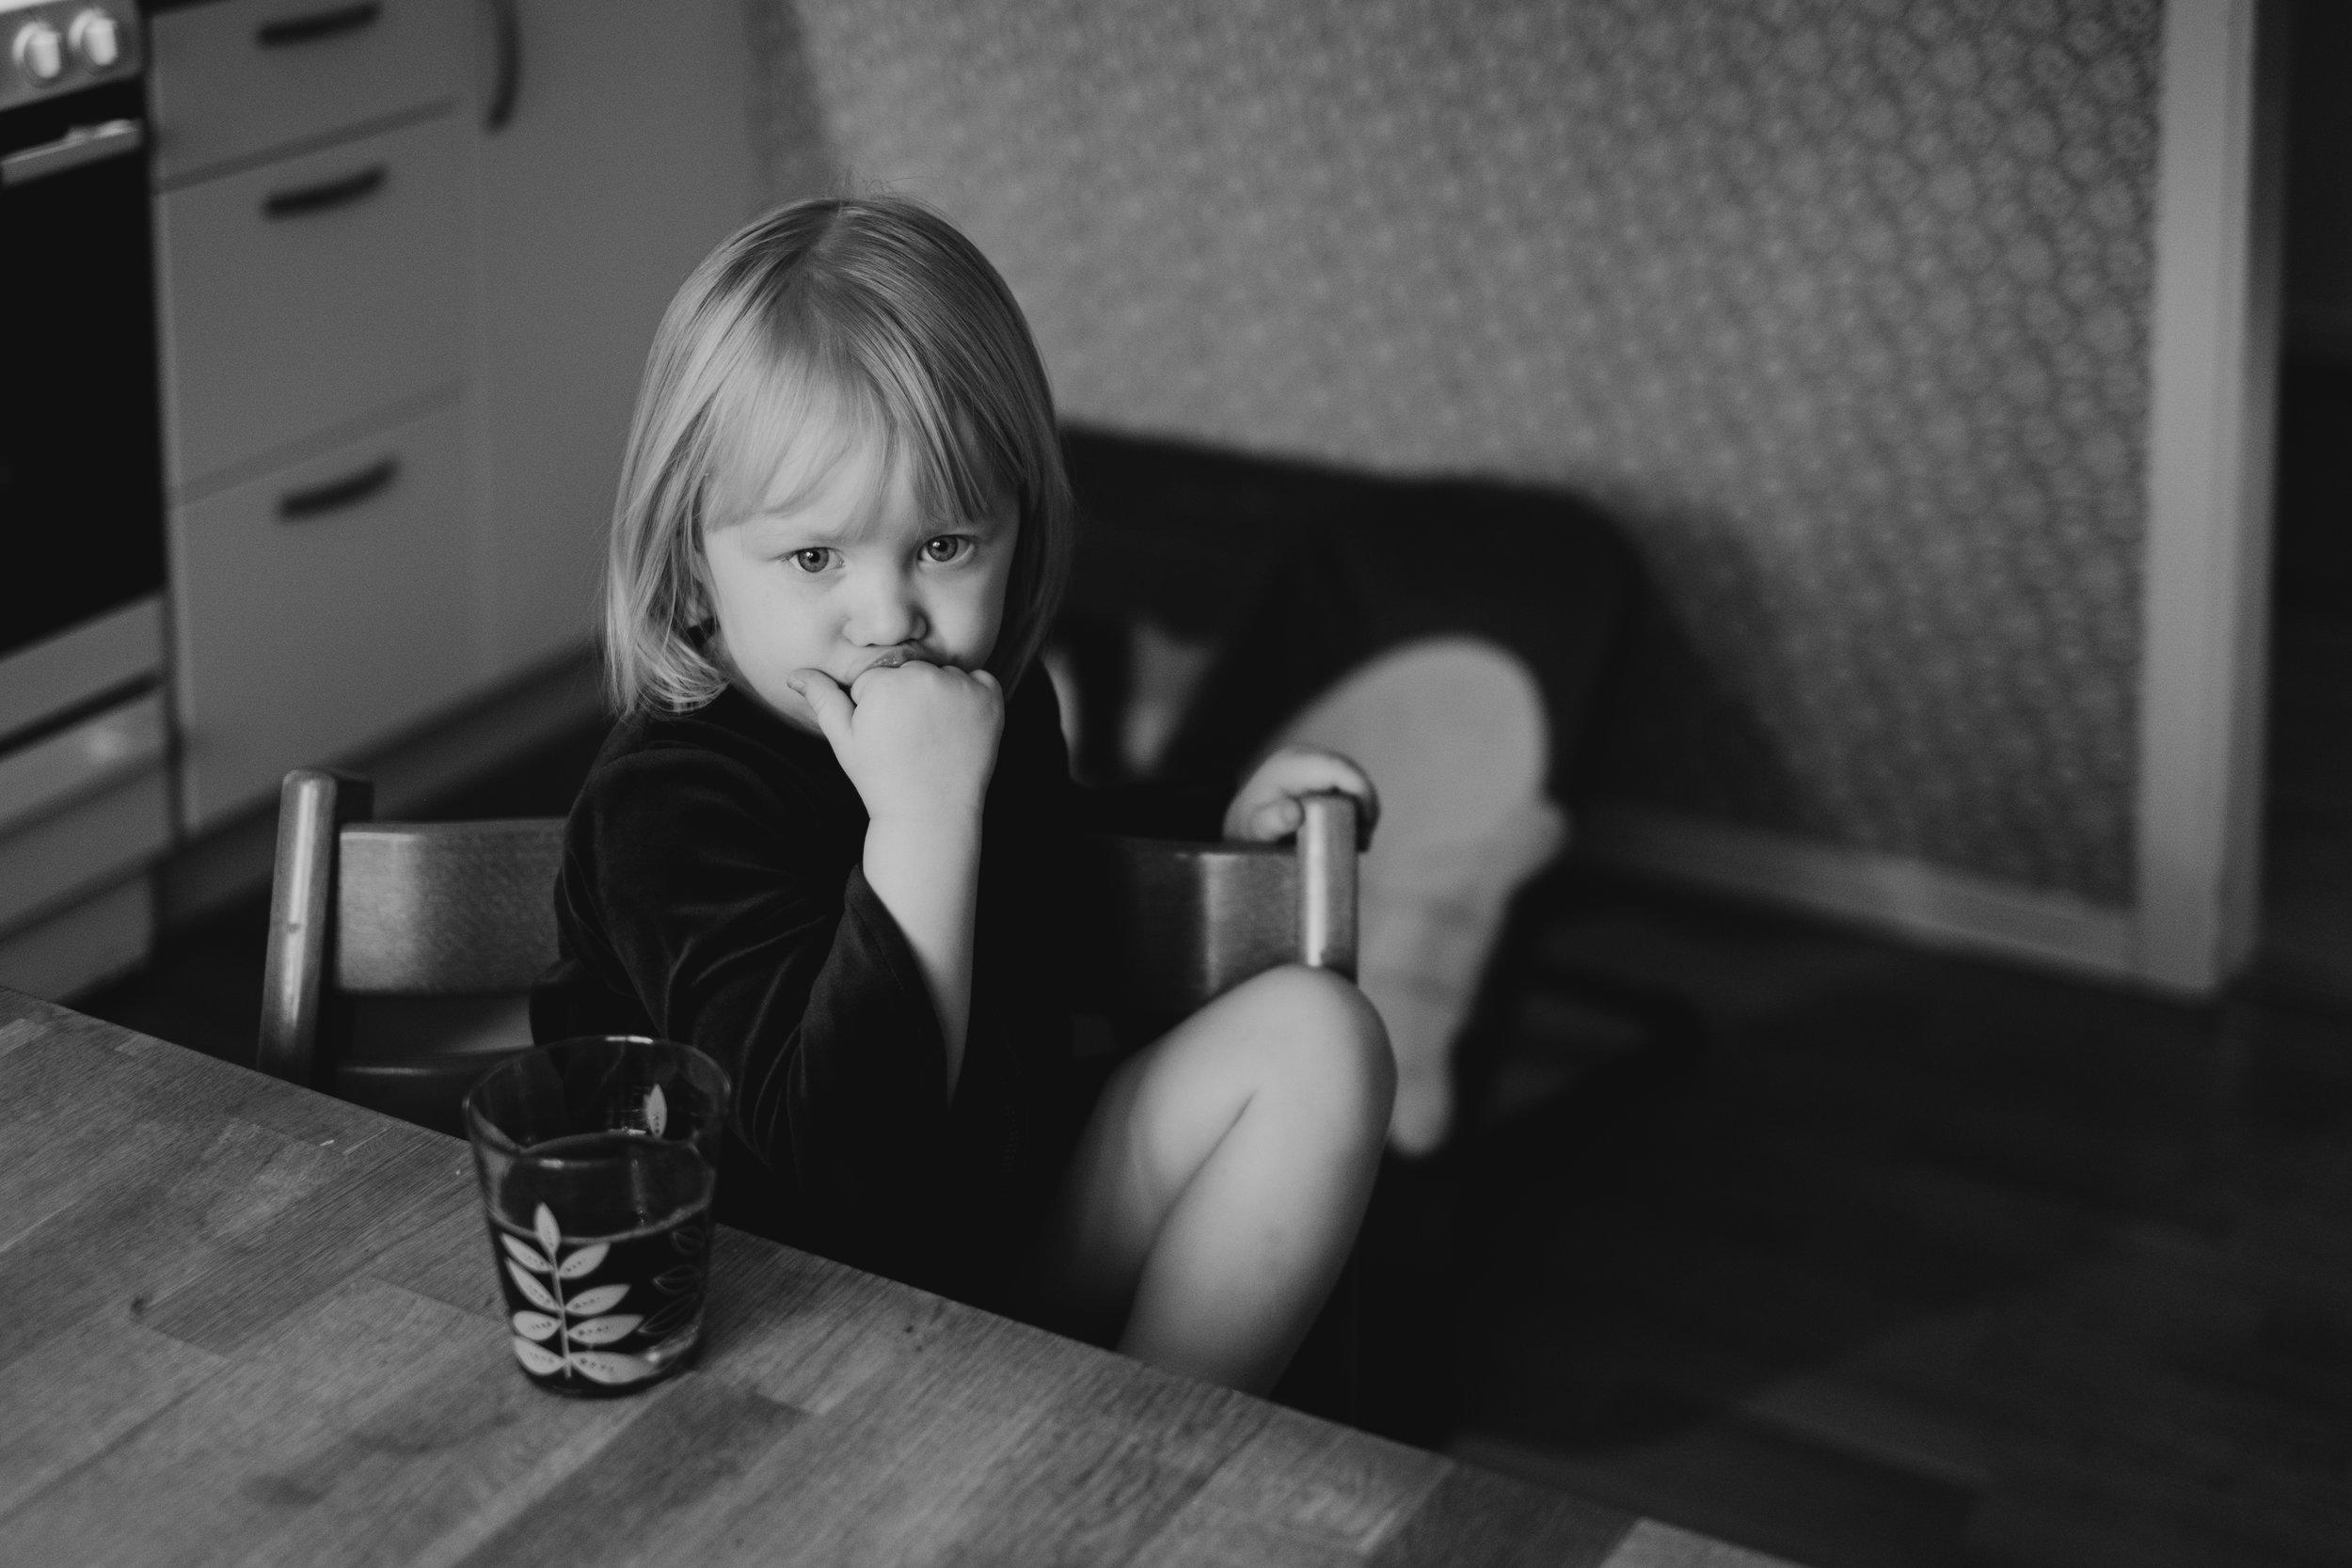 fotograf umeå matildas tillvaro familjefoto-11765.jpg